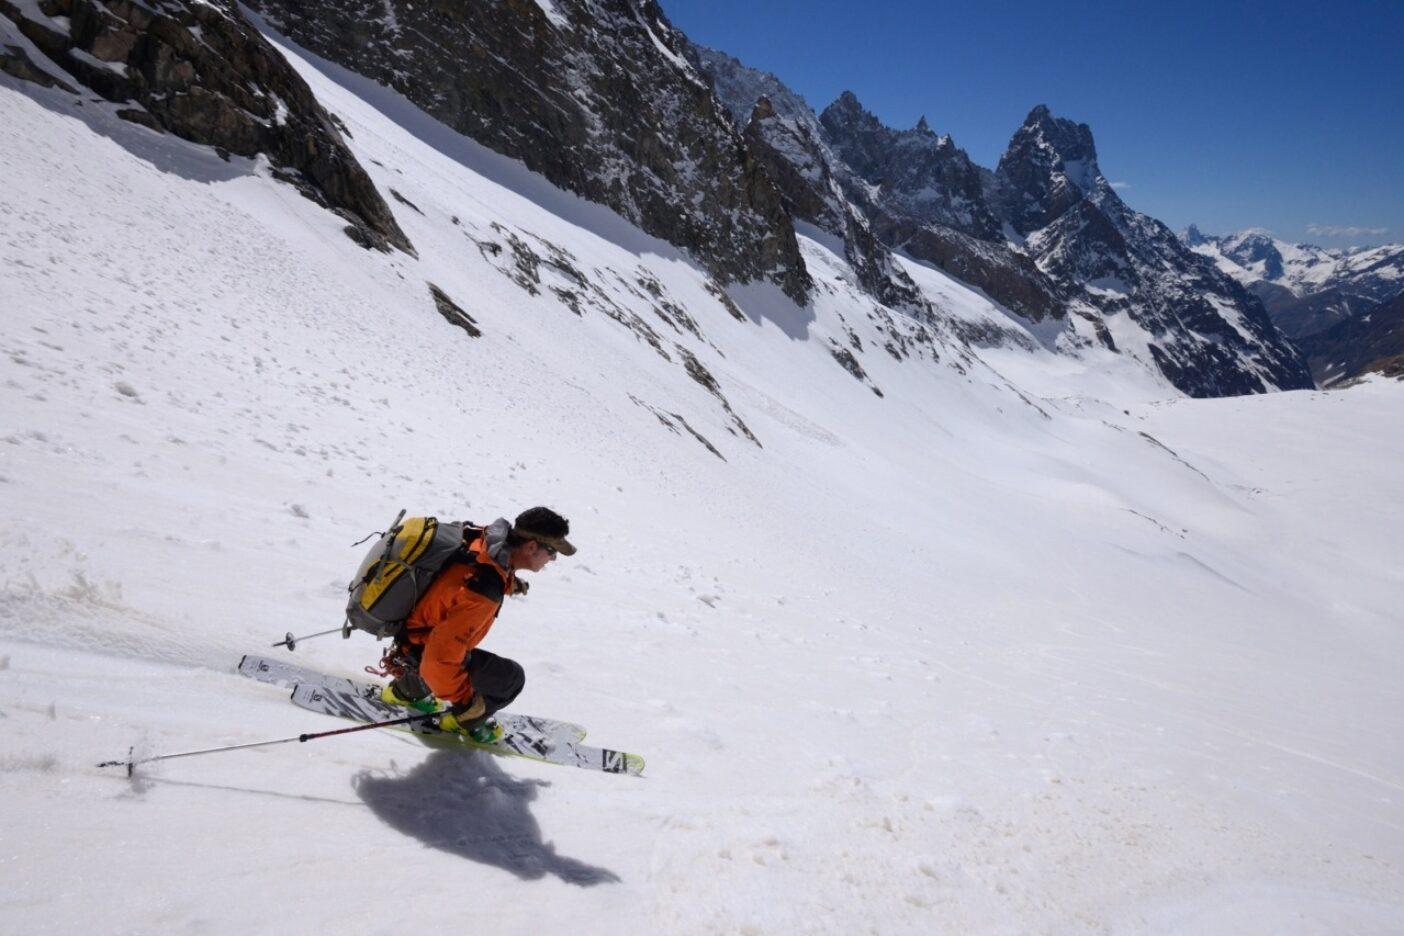 ラメイジェ縦走の初日、ジャン・シャルル・ボンシニョーレはセレ避難小屋を目指して滑る。フランス、ラグラーヴにて。写真:ベネッサ・ビウカー